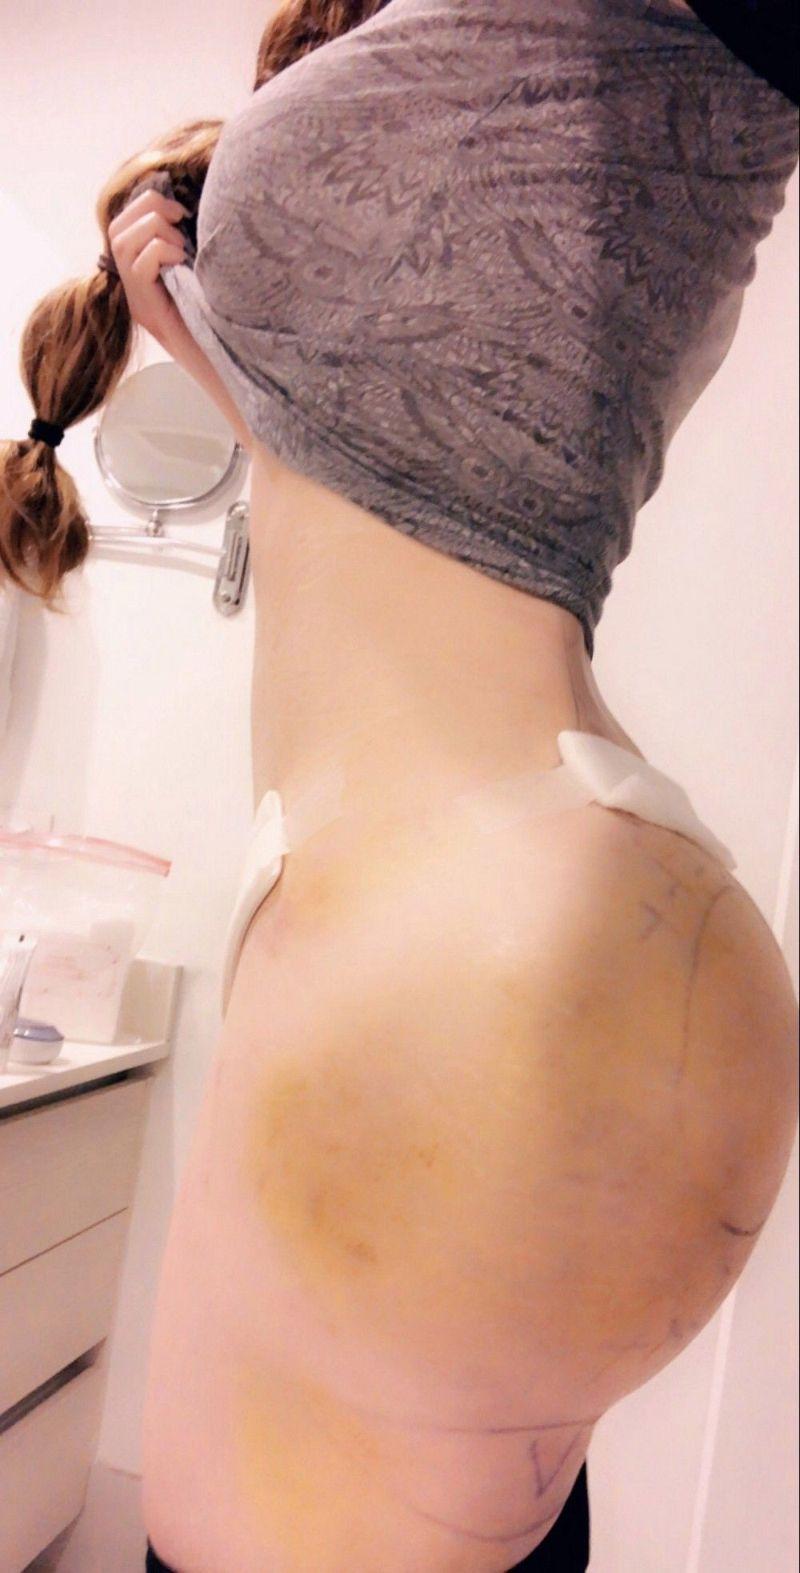 【おっぱいモンスター】アメリカ人女性、豊胸と整形手術に19万ドルかけて見事モンスターになる!!・7枚目